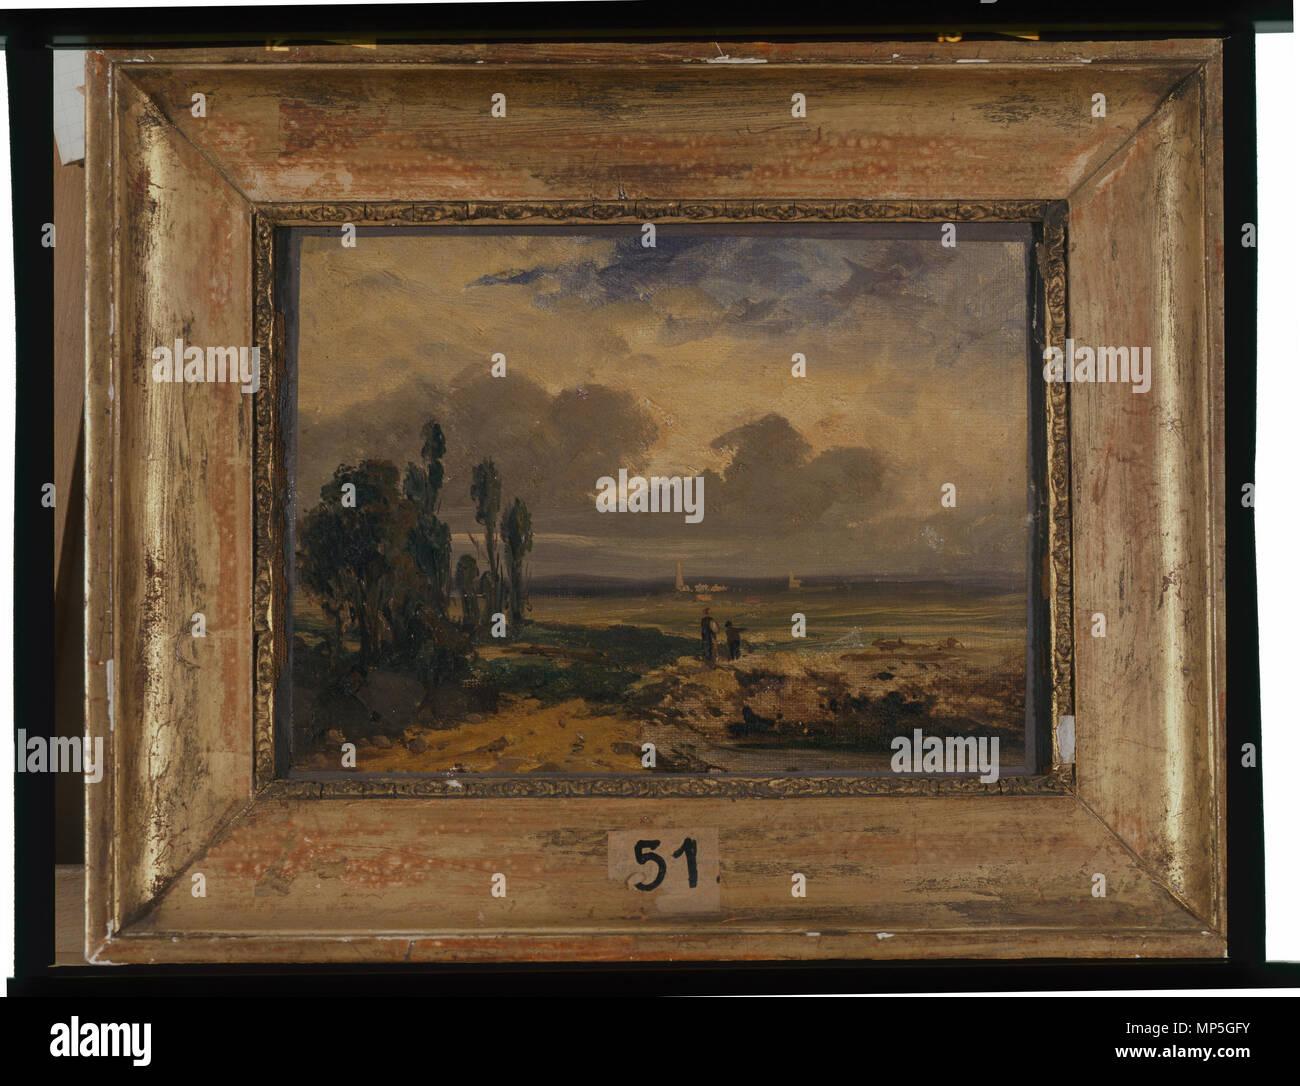 968 Paysage - anonyme - Musée d'art et d'histoire de Saint-Brieuc, DOC 51 Foto Stock